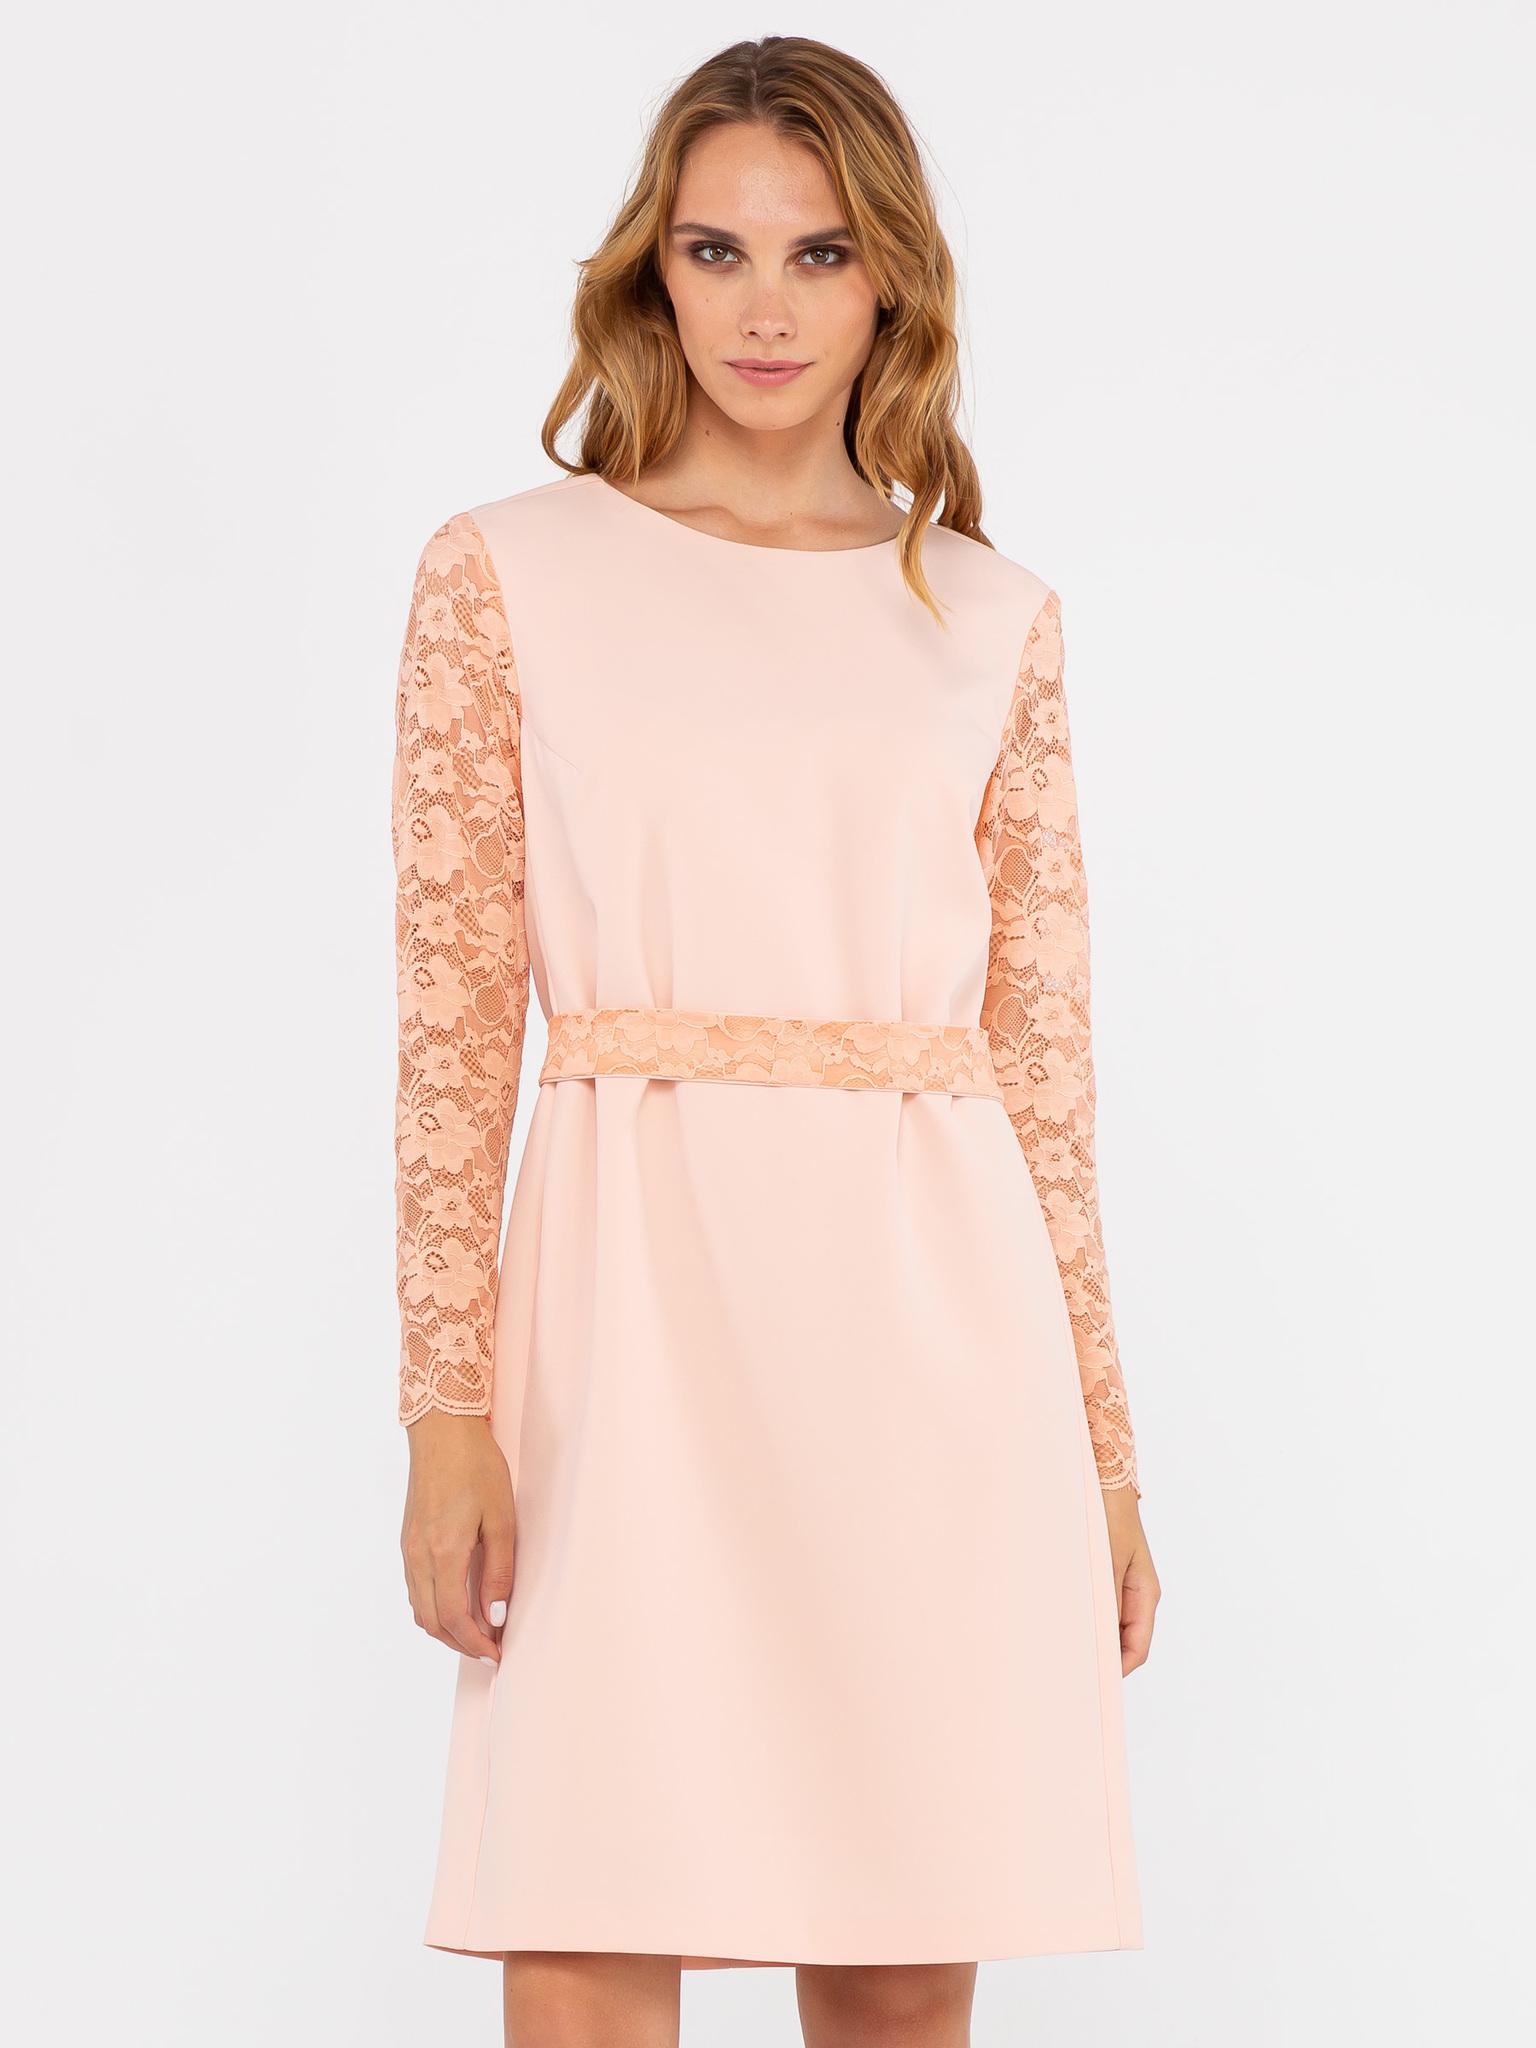 Платье З241-307 - Платье из полиэстера с кружевными рукавами для торжественных случаев. Прямой силуэт скрывает недостатки фигуры, а стильные рукава привлекают внимание окружающих. Платье выполнено из приятной на ощупь ткани из полиэстера с добавлением эластана. Эта модель создана для настоящих леди, которые хотят выглядеть безупречно в любой обстановке.